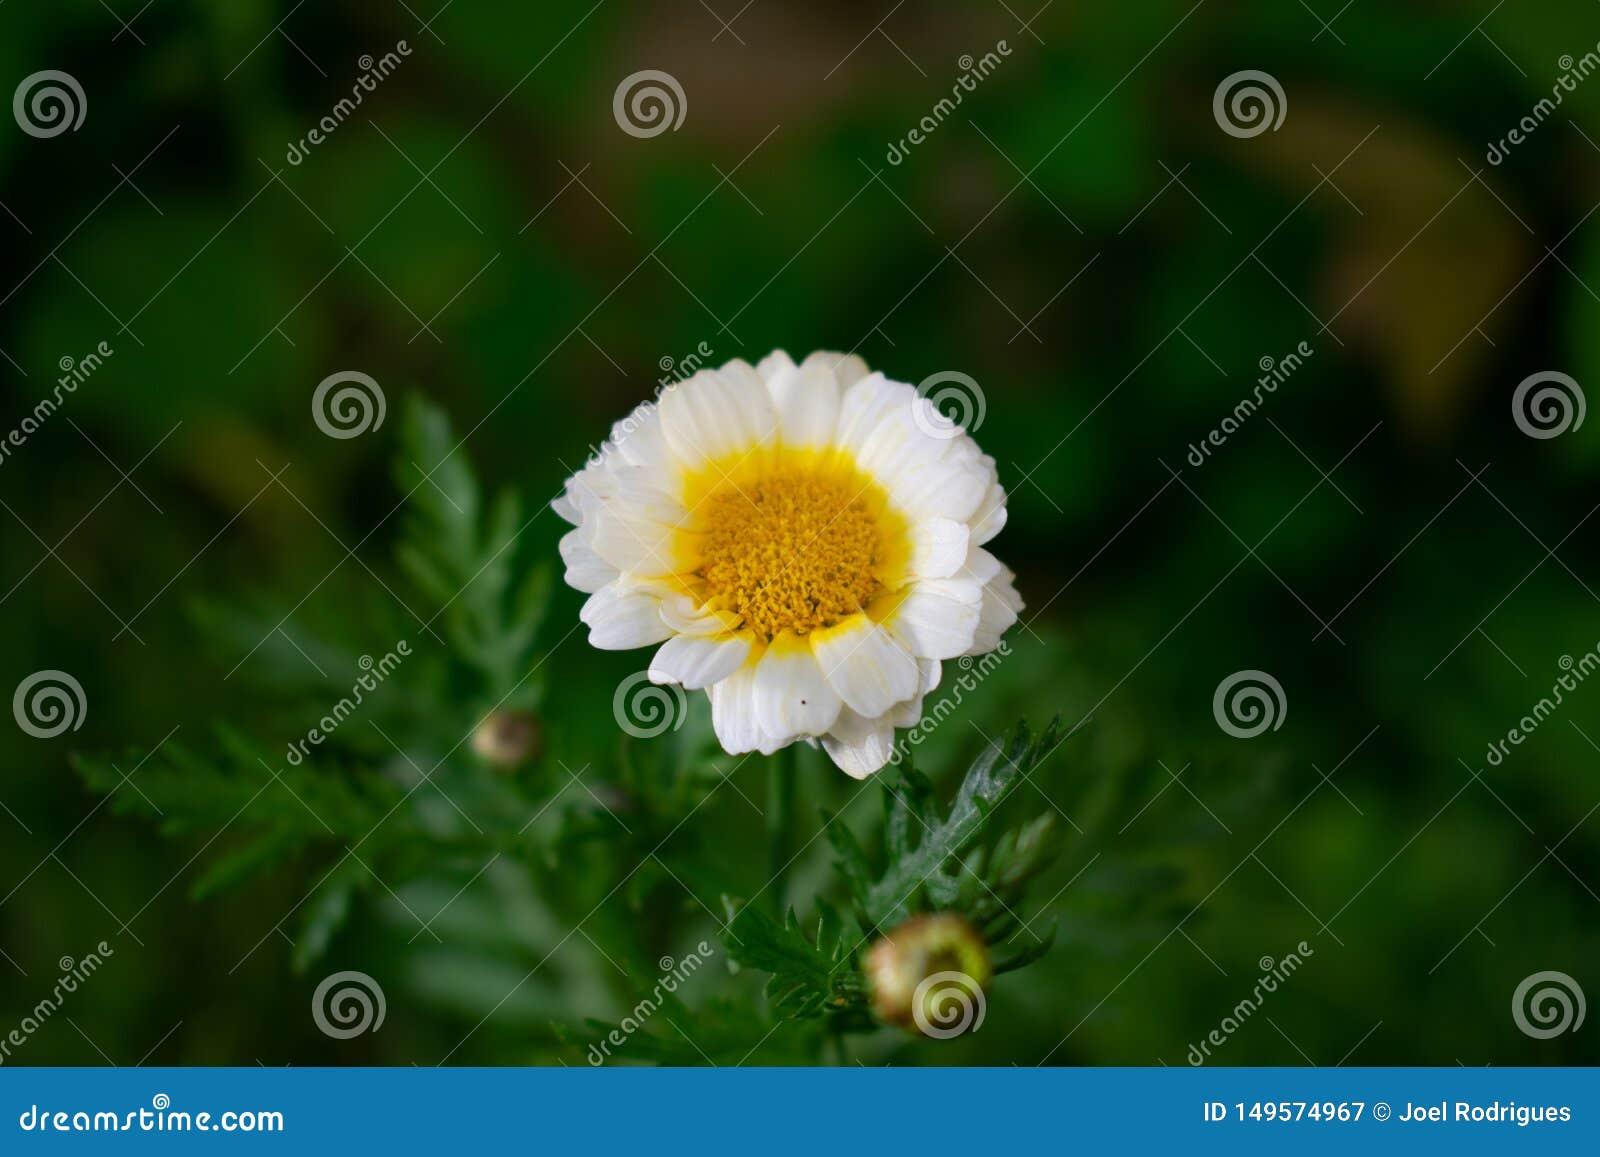 在绿色模糊的背景的春黄菊花